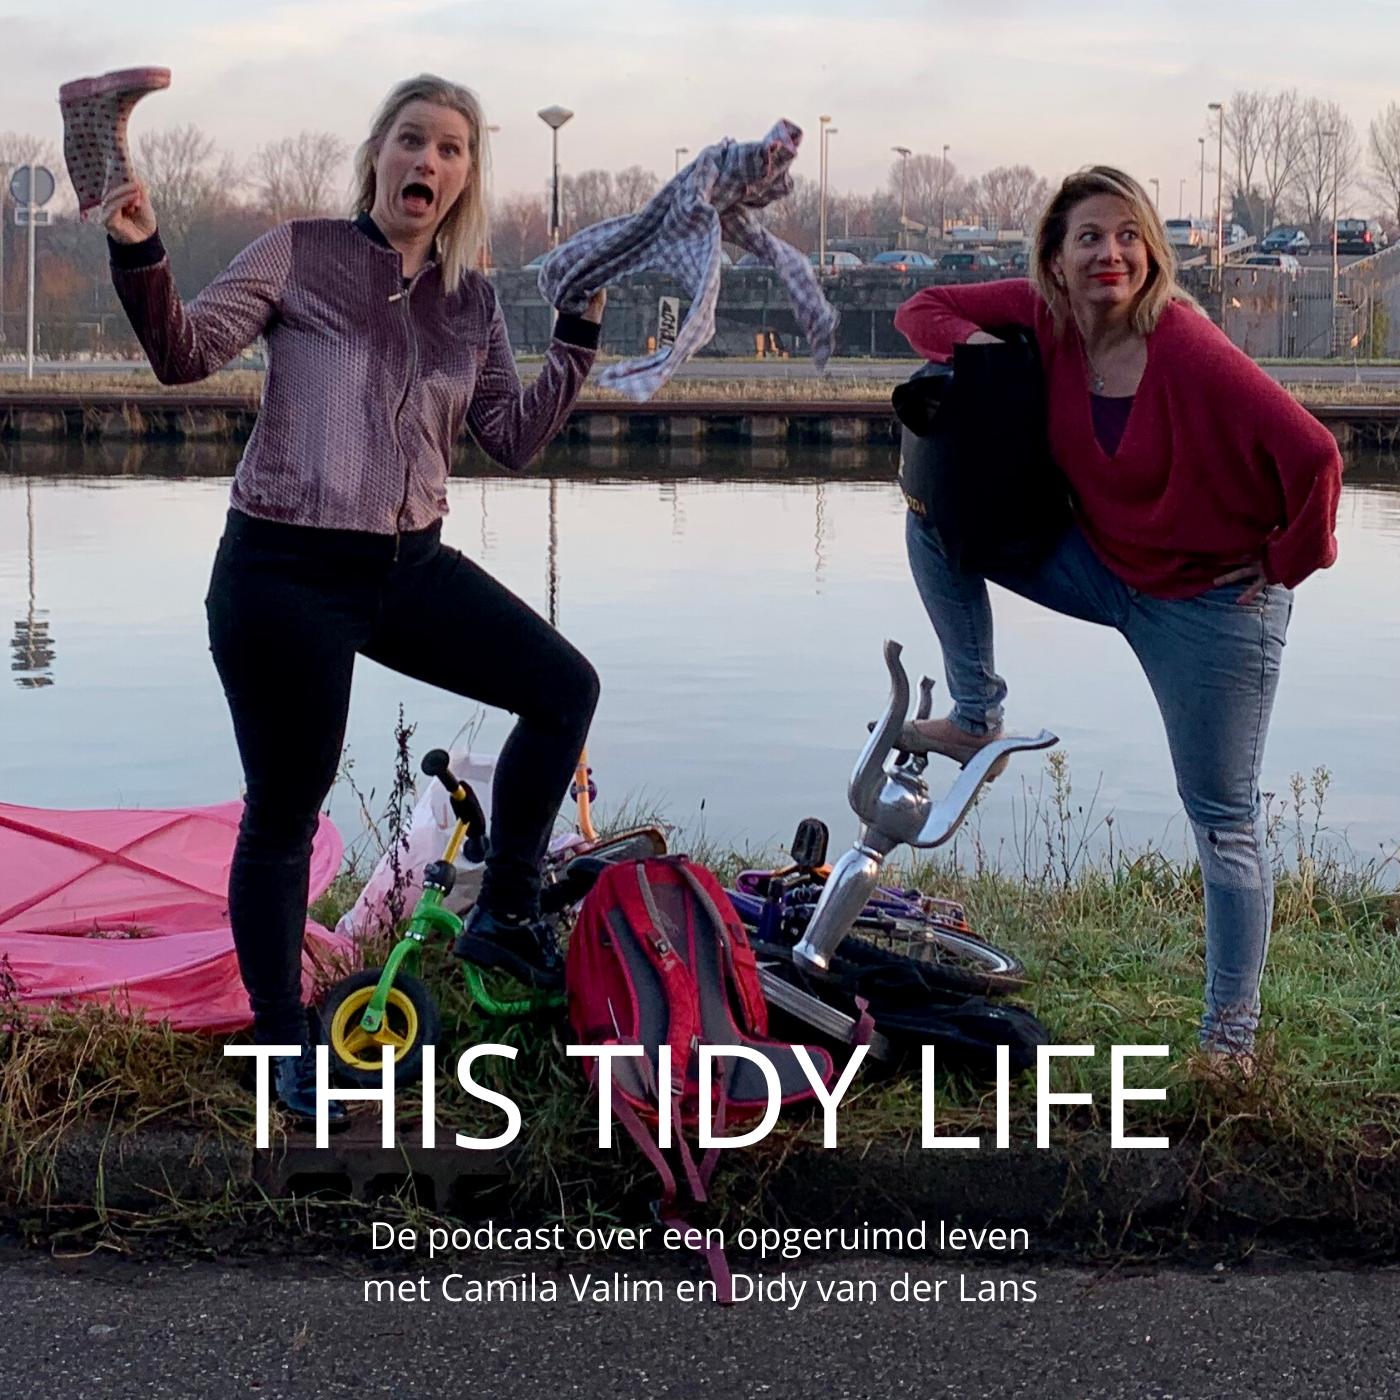 This Tidy Life - de podcast over een opgeruimd leven logo